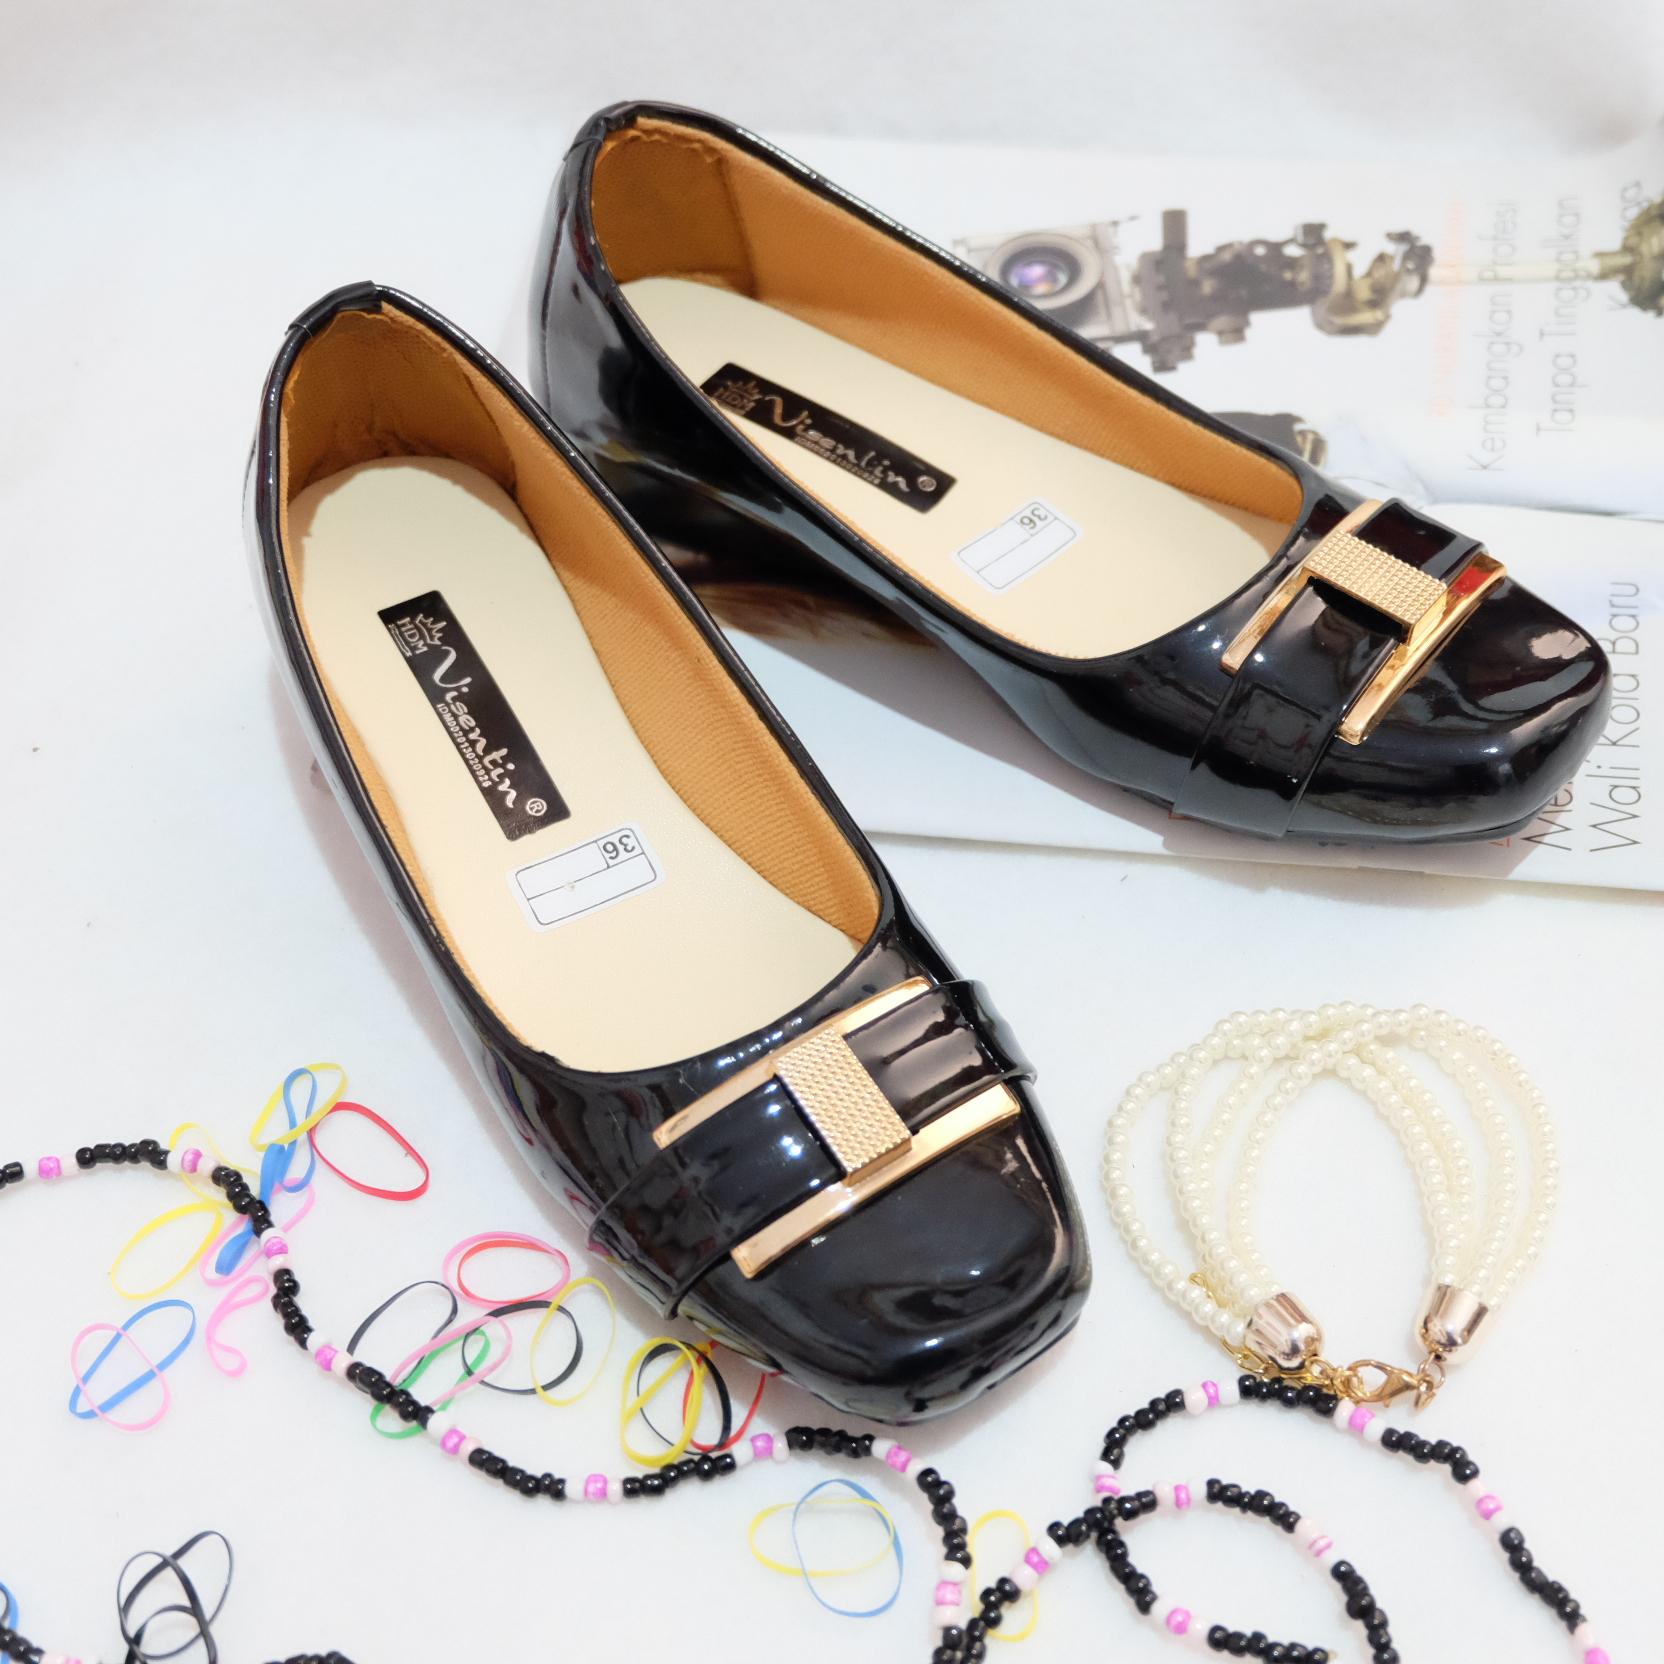 Balet Multicolor Daftar Source · Jual Sepatu Kerja Wanita Flat Shoes Kulit Black .